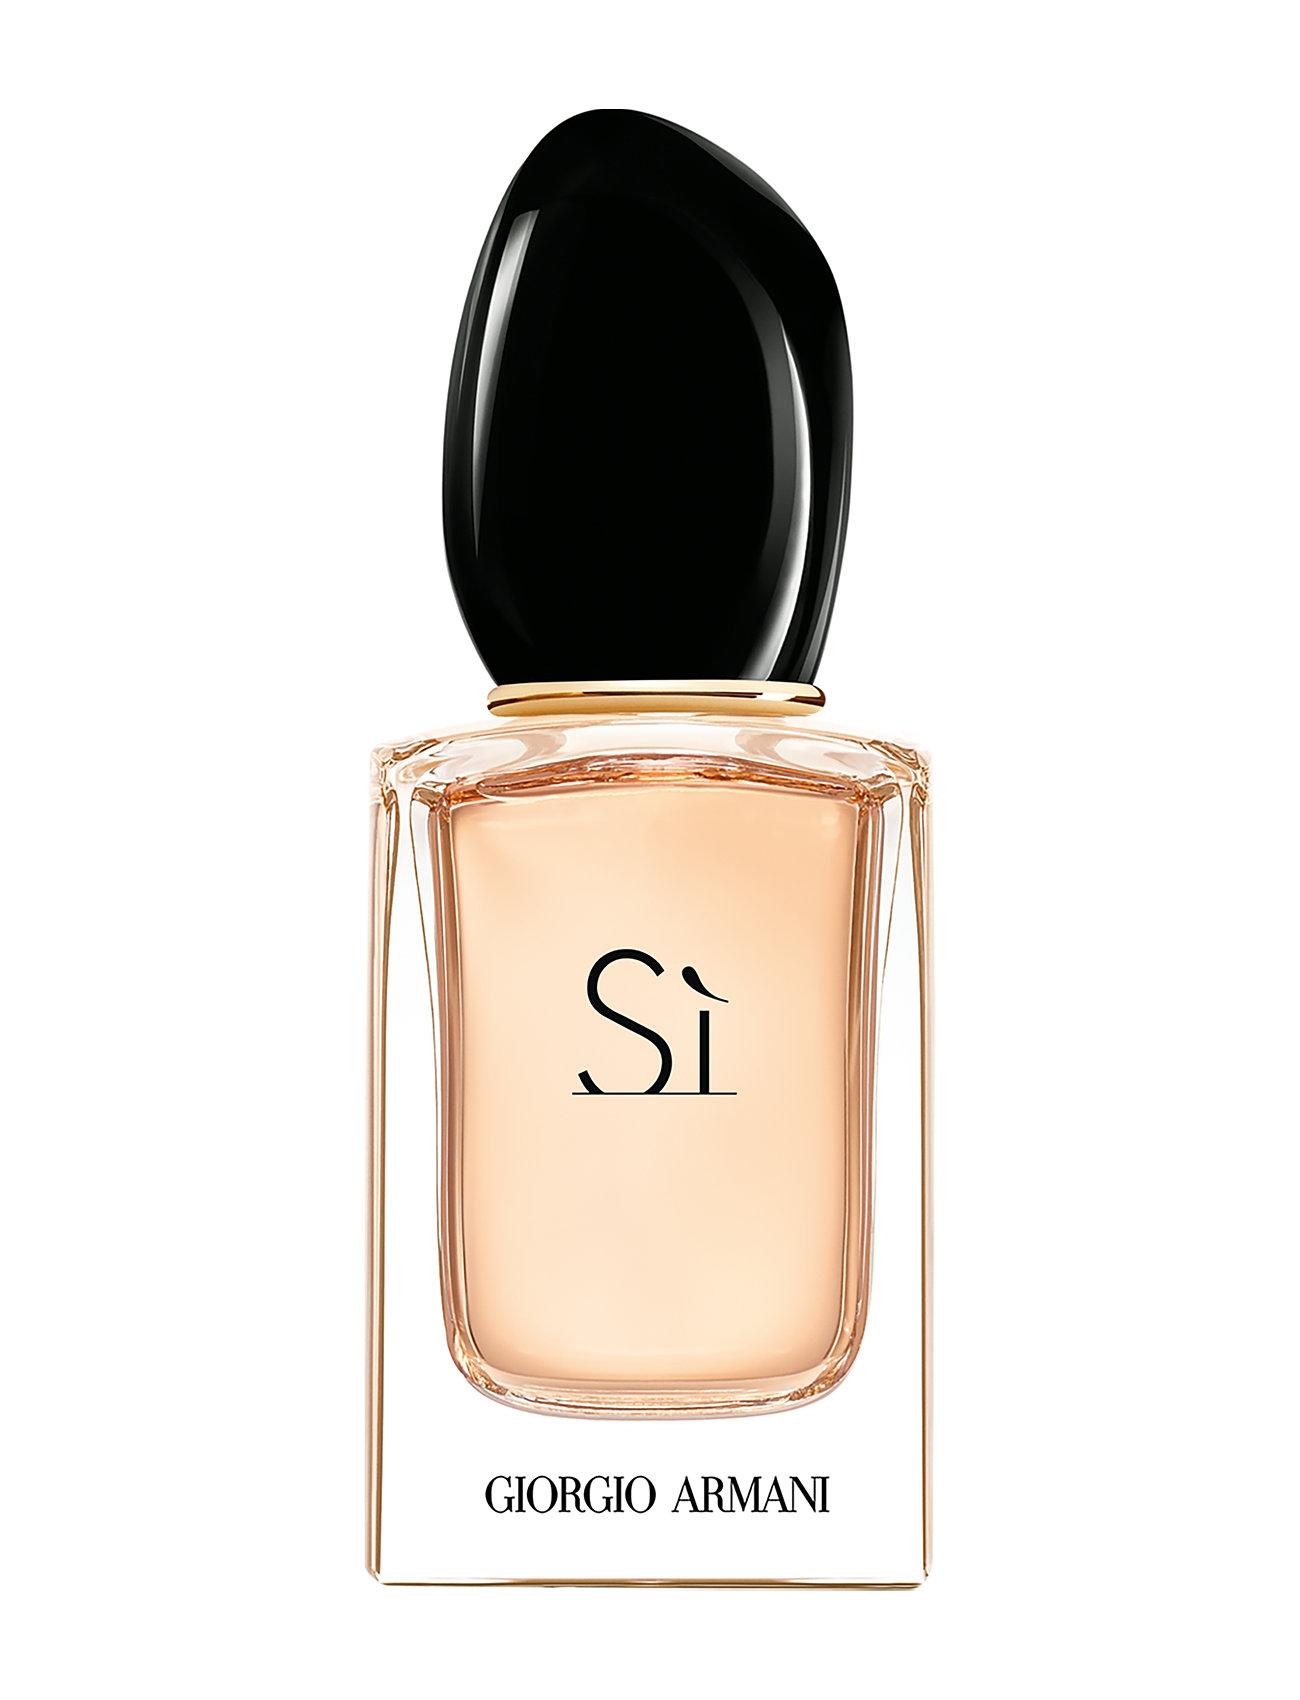 giorgio armani – S㬠eau de parfum 30 ml fra boozt.com dk